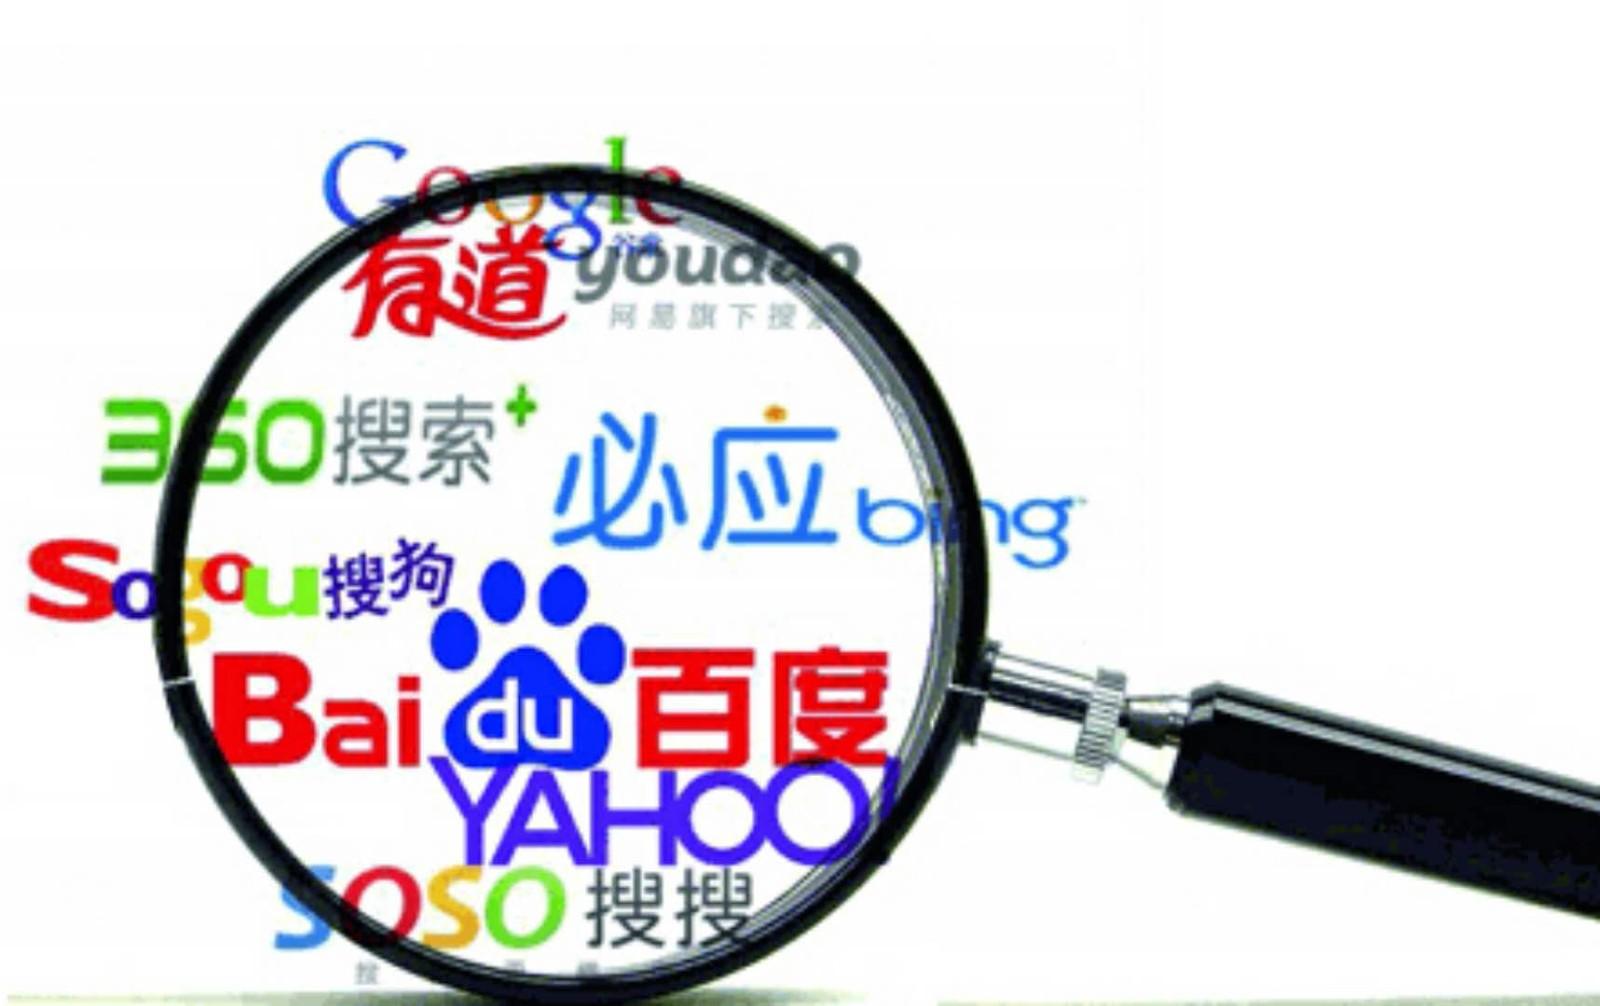 深圳百度广告代运营_专业网站建设哪家好_深圳市小蚁人科技文化发展有限公司